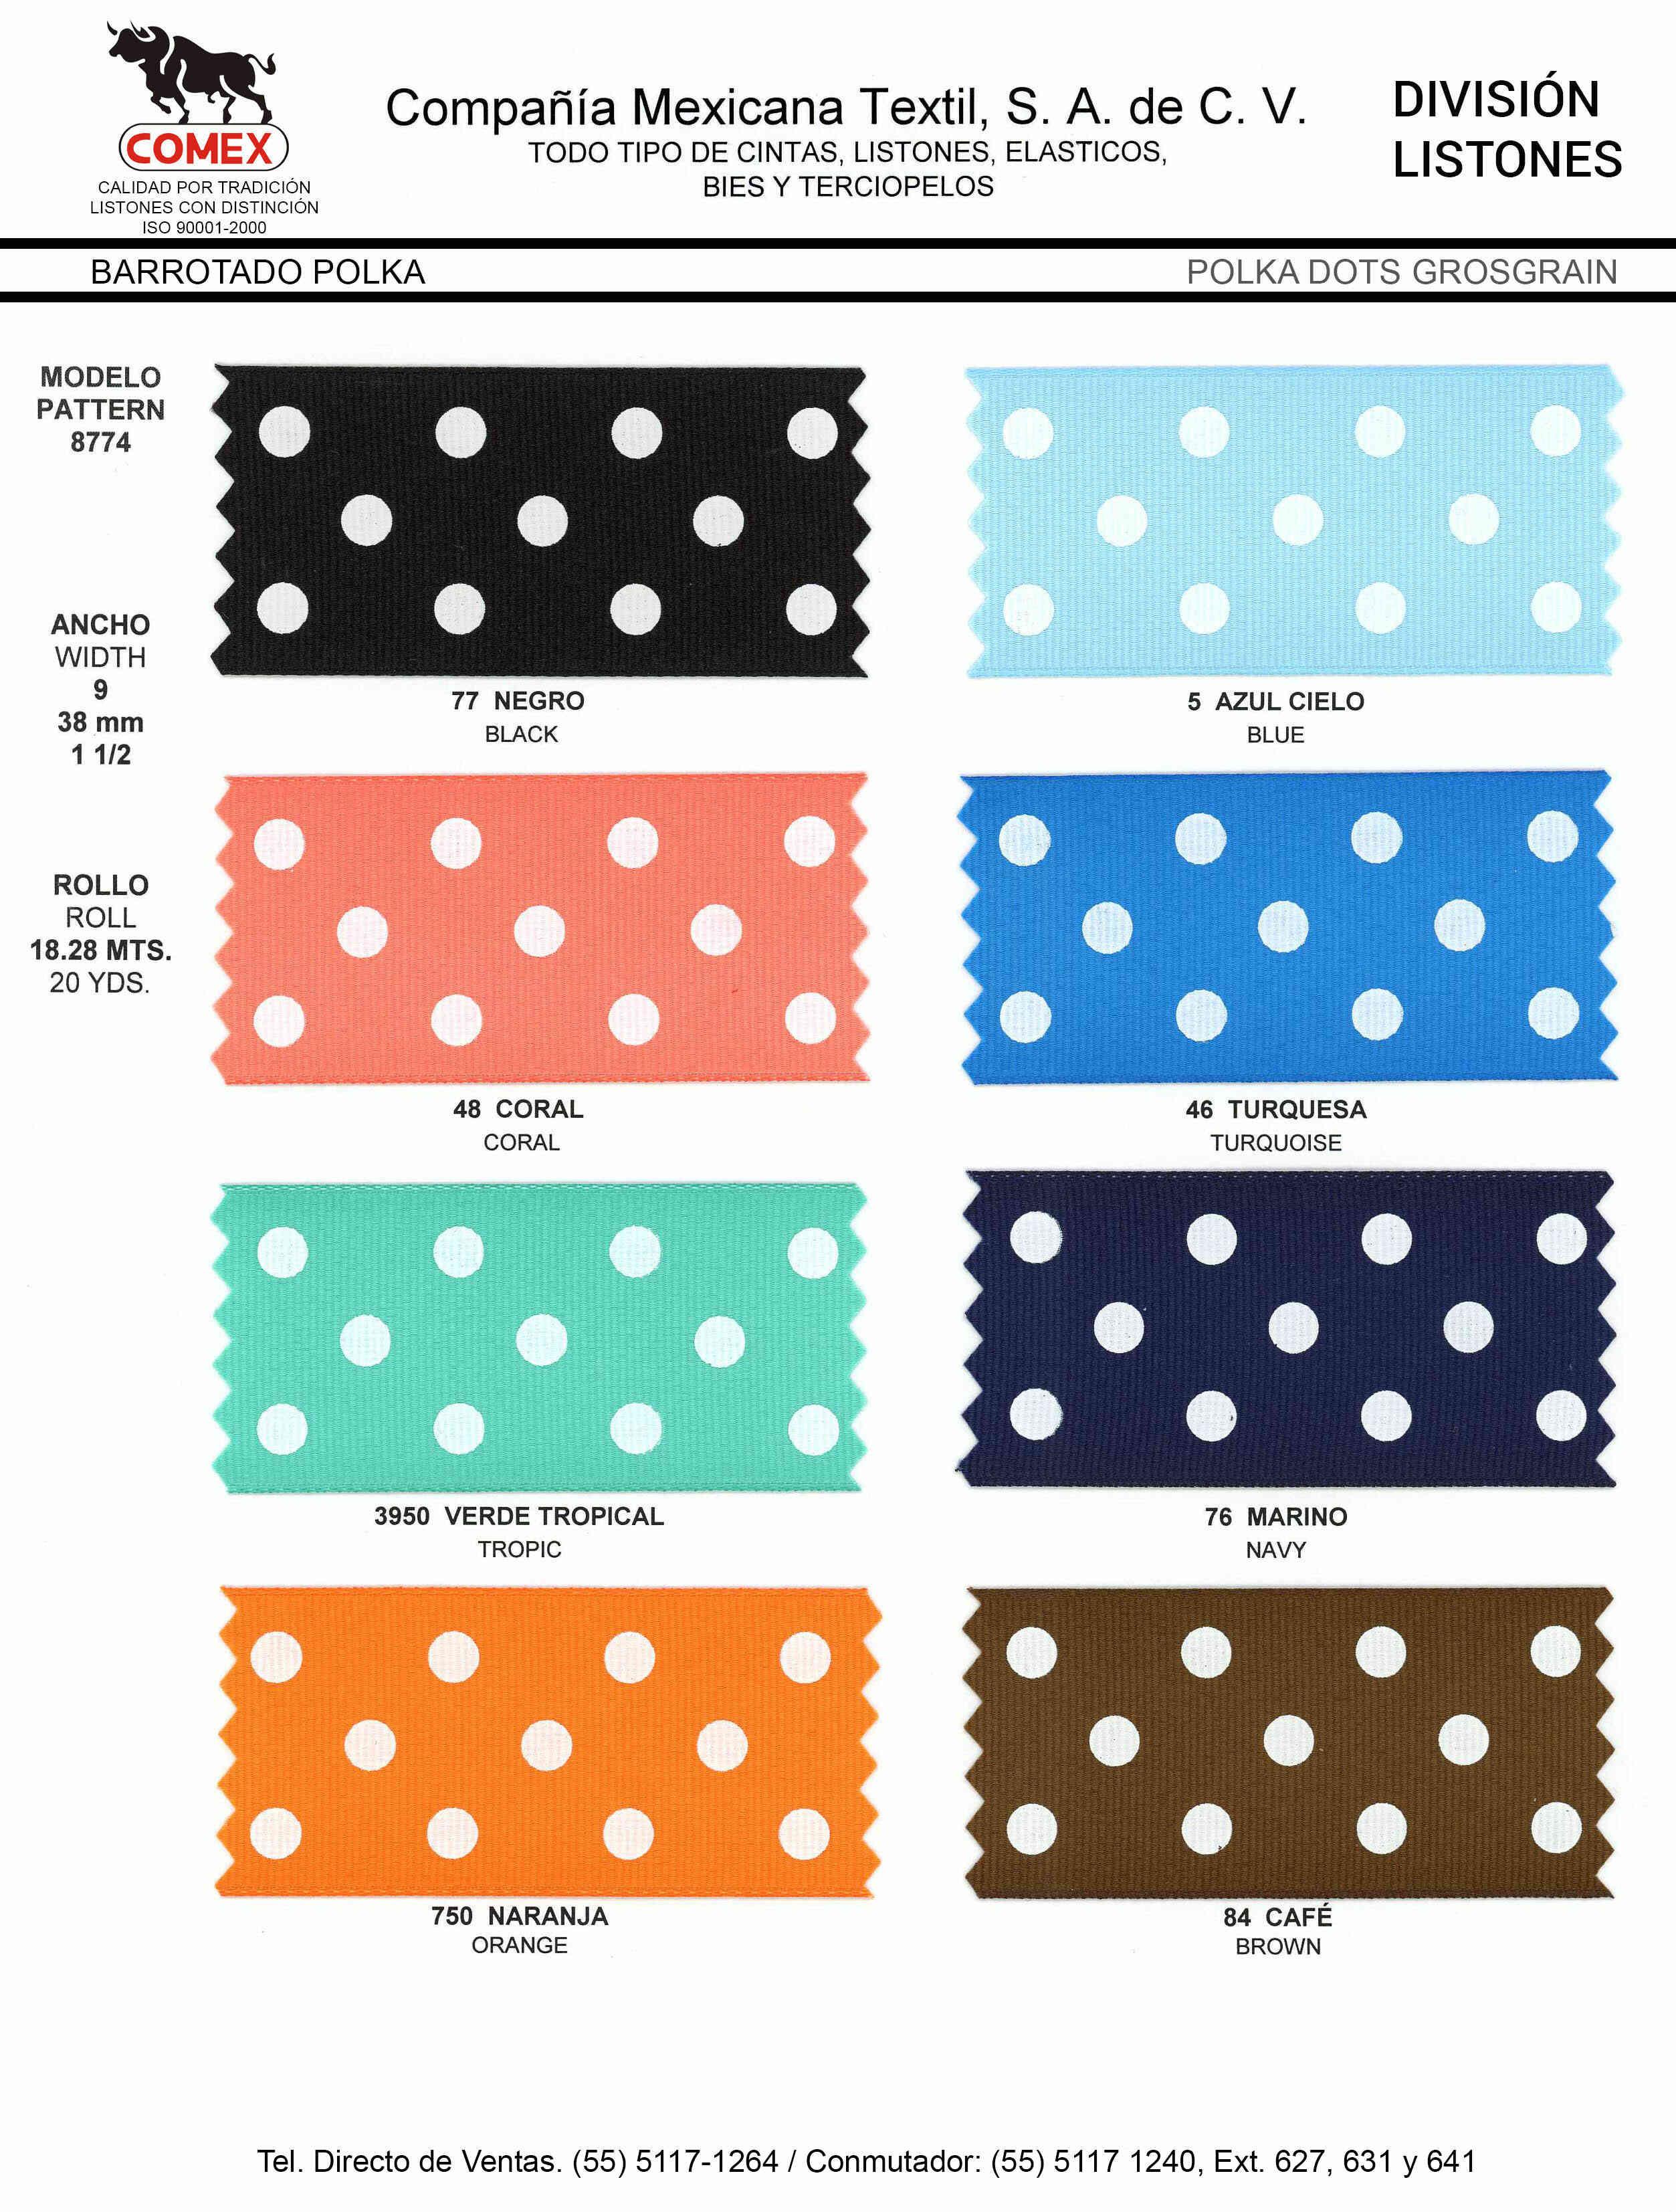 Anchos y Colores de Liston Mod.8774